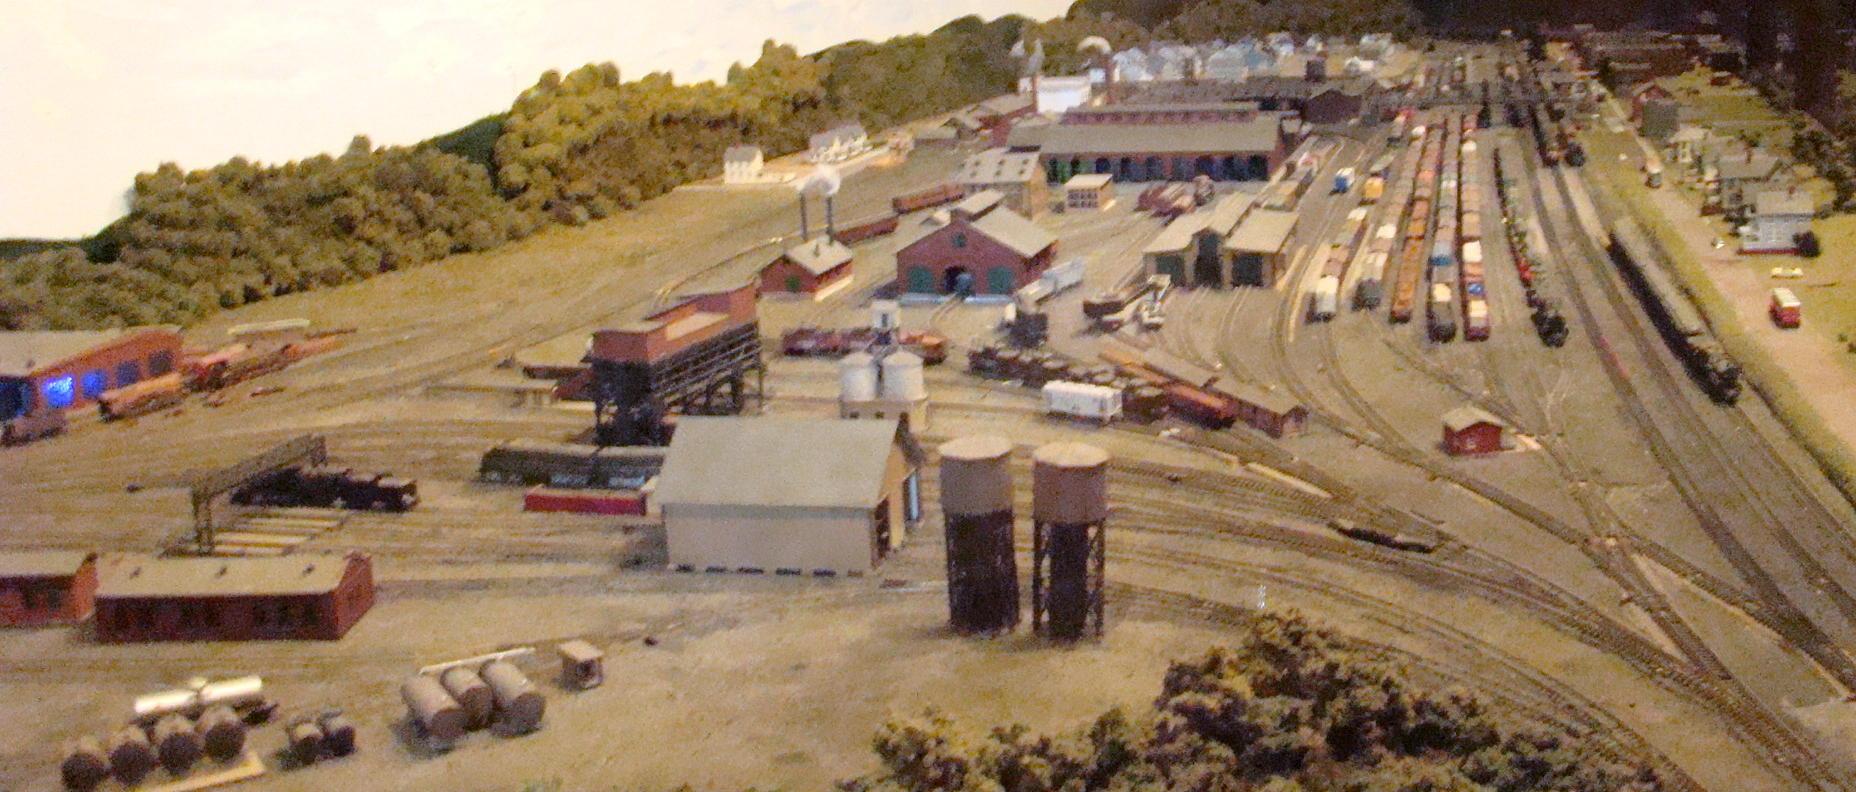 Pennsylvania Railroad Gypsy Road Trip